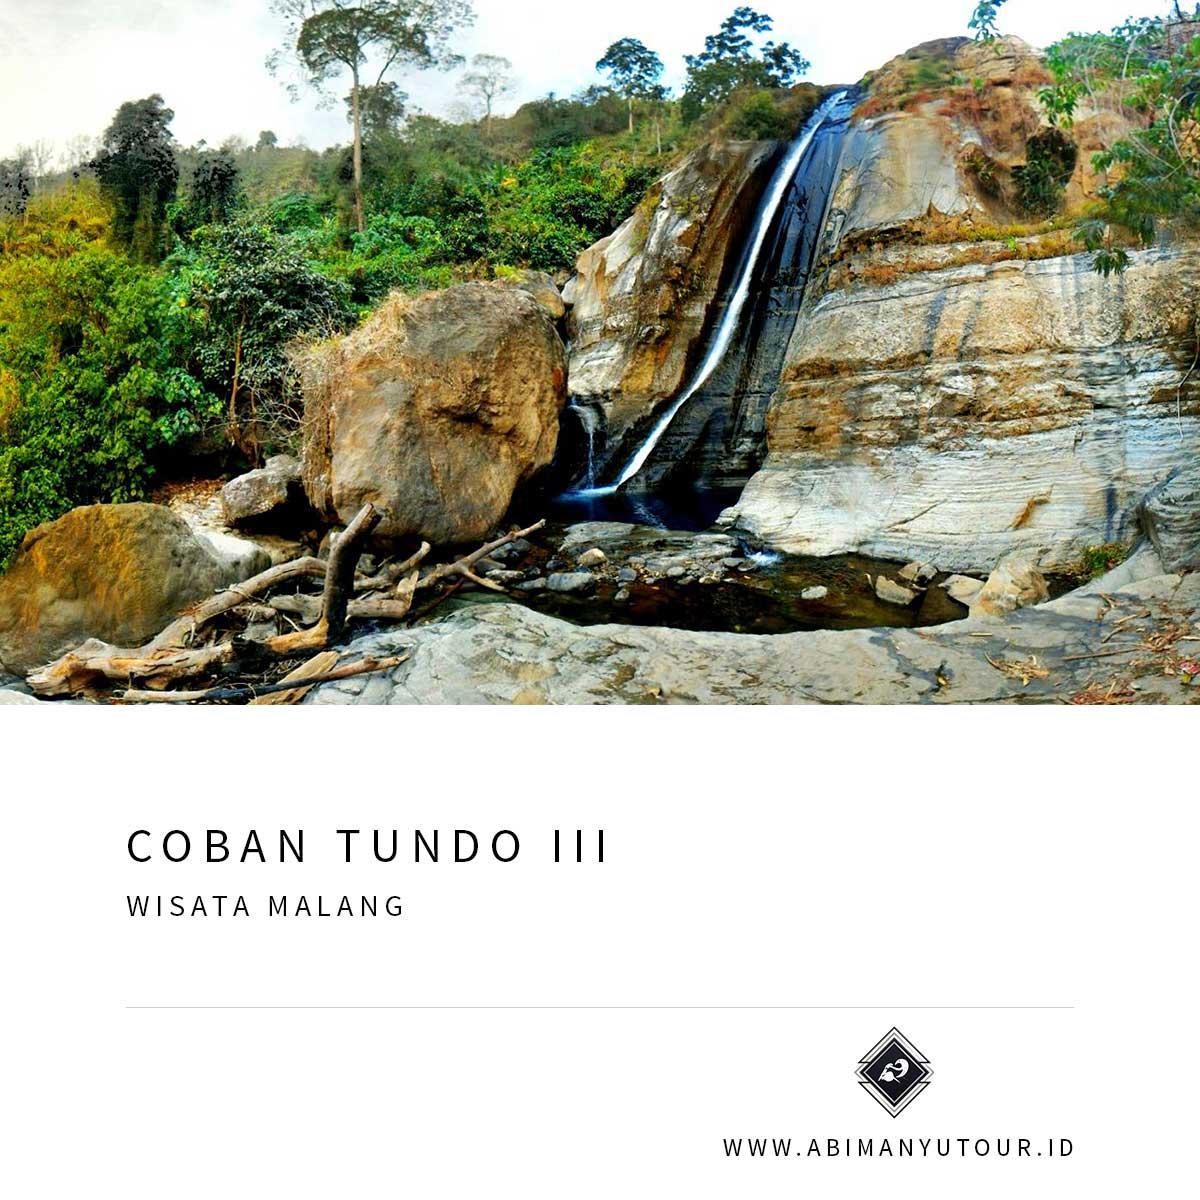 WISATA MALANG COBAN TUNDO III